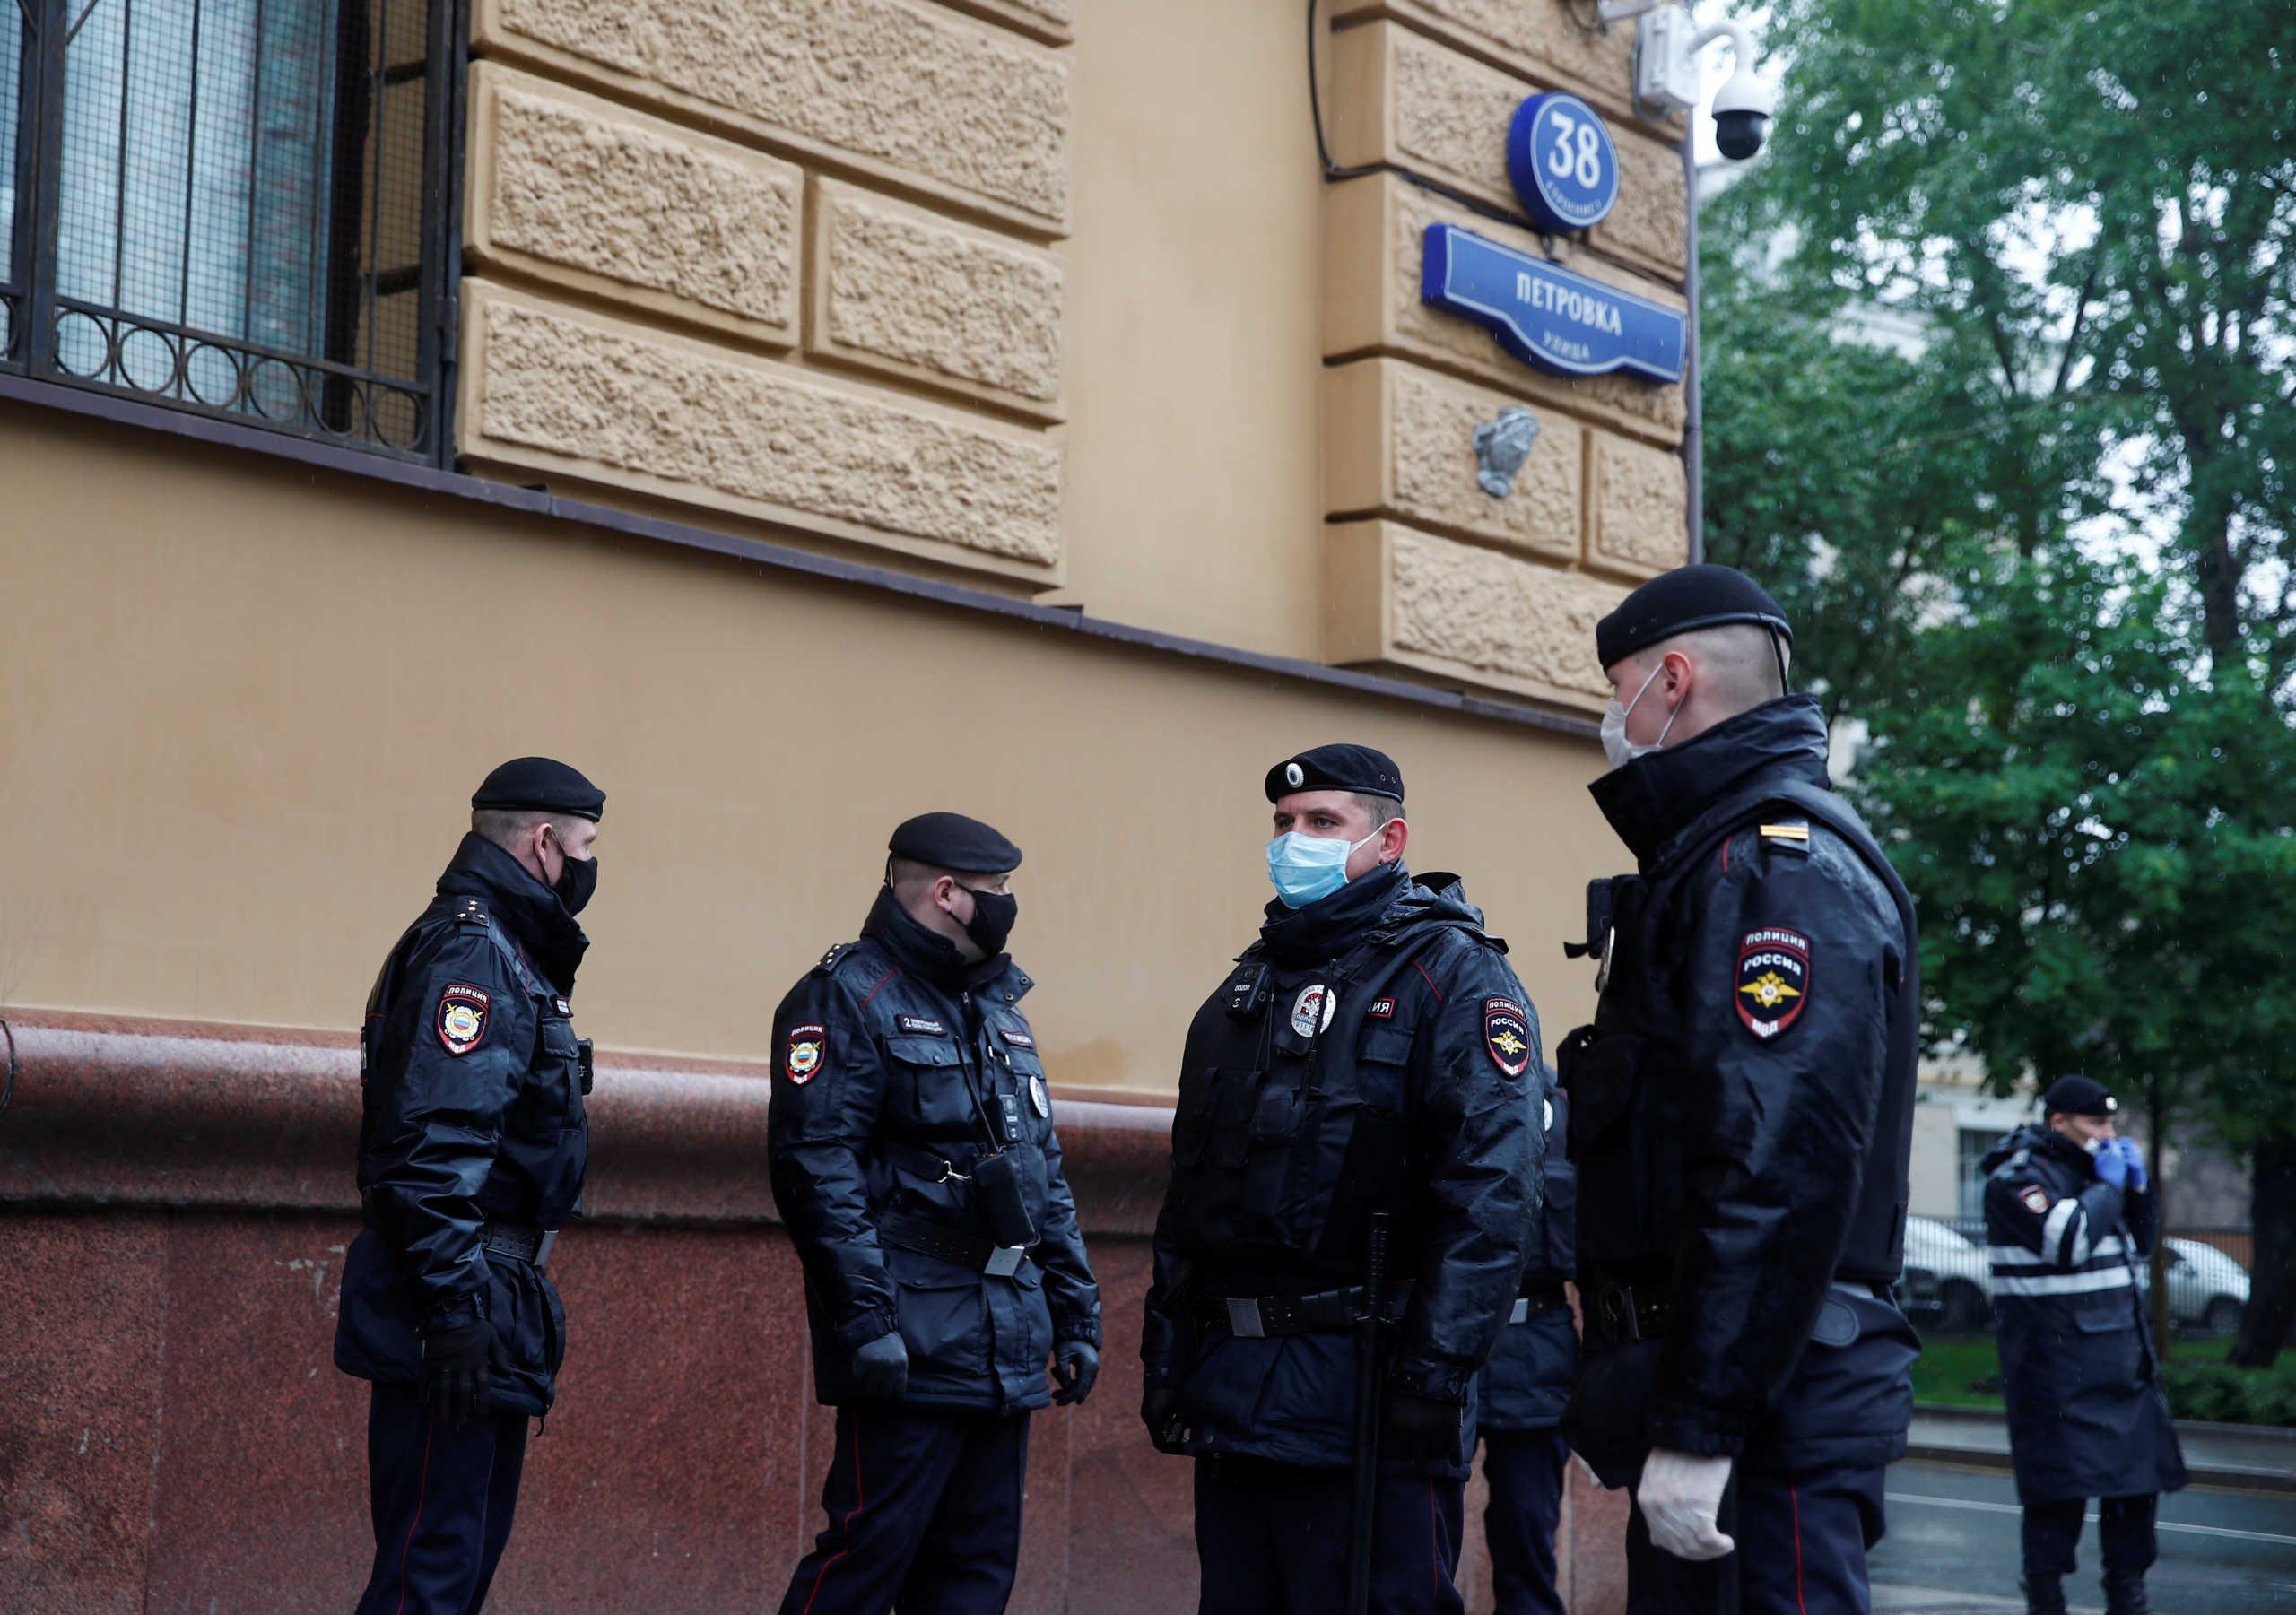 Ρωσία: Ένα αστείο στο Twitter οδήγησε δημοσιογράφο για 25μέρες στη φυλακή